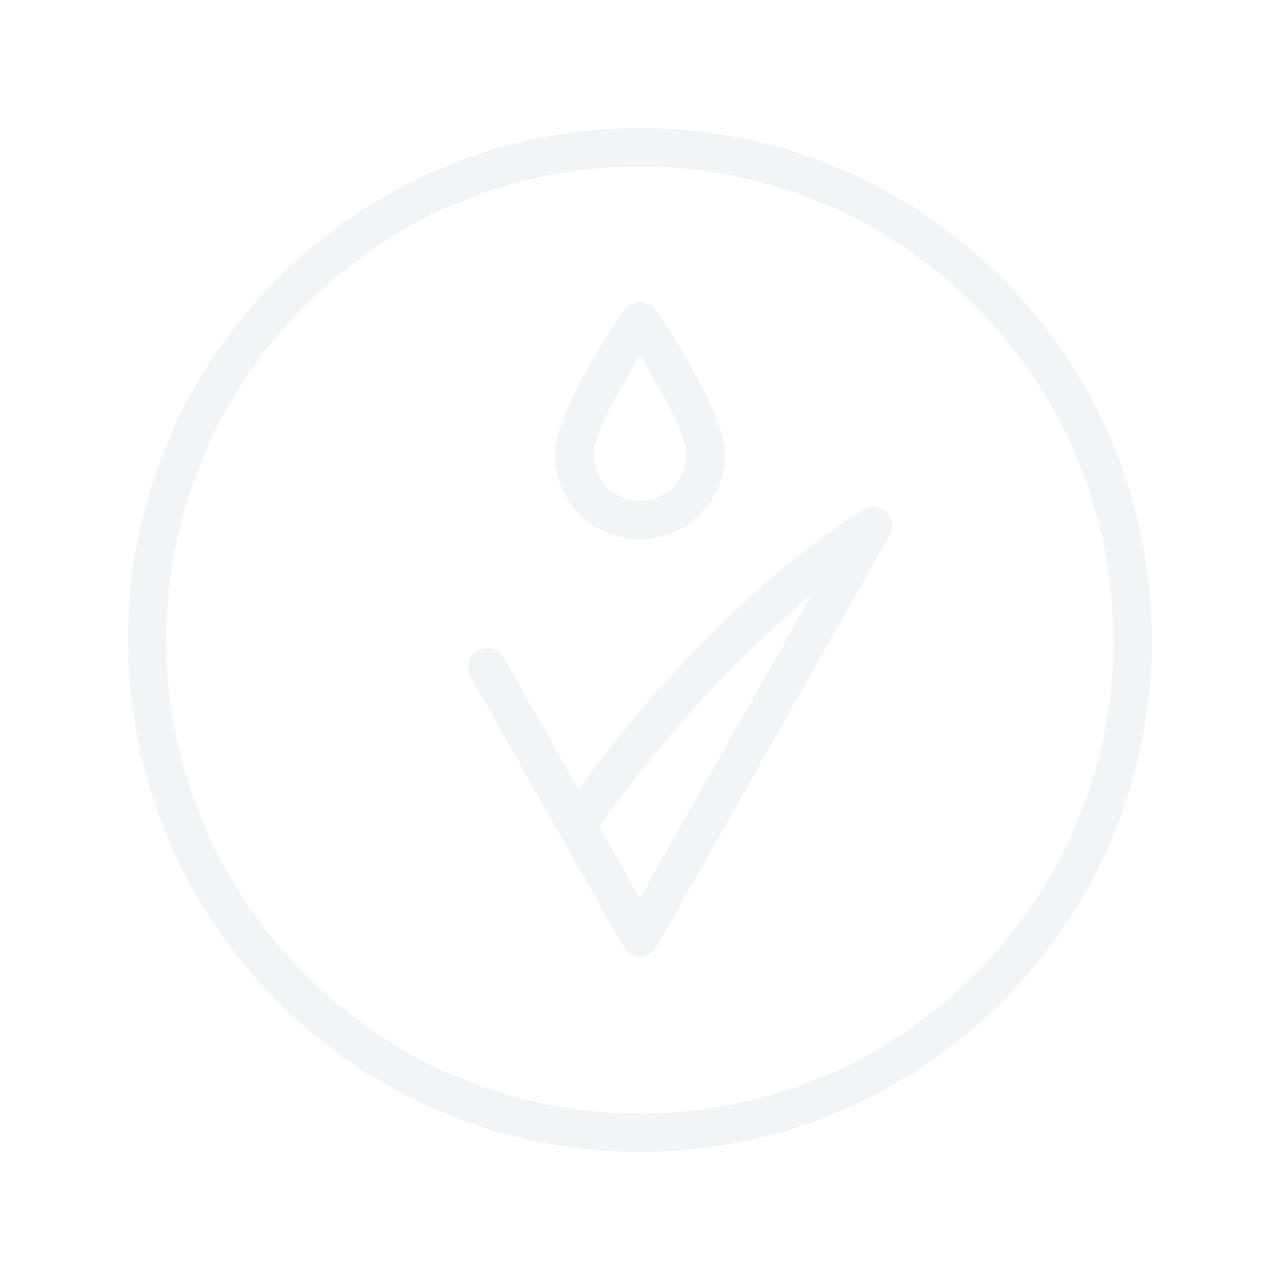 Shiseido Expert Sun aнтивозрастной солнцезащитный крем SPF30 50ml